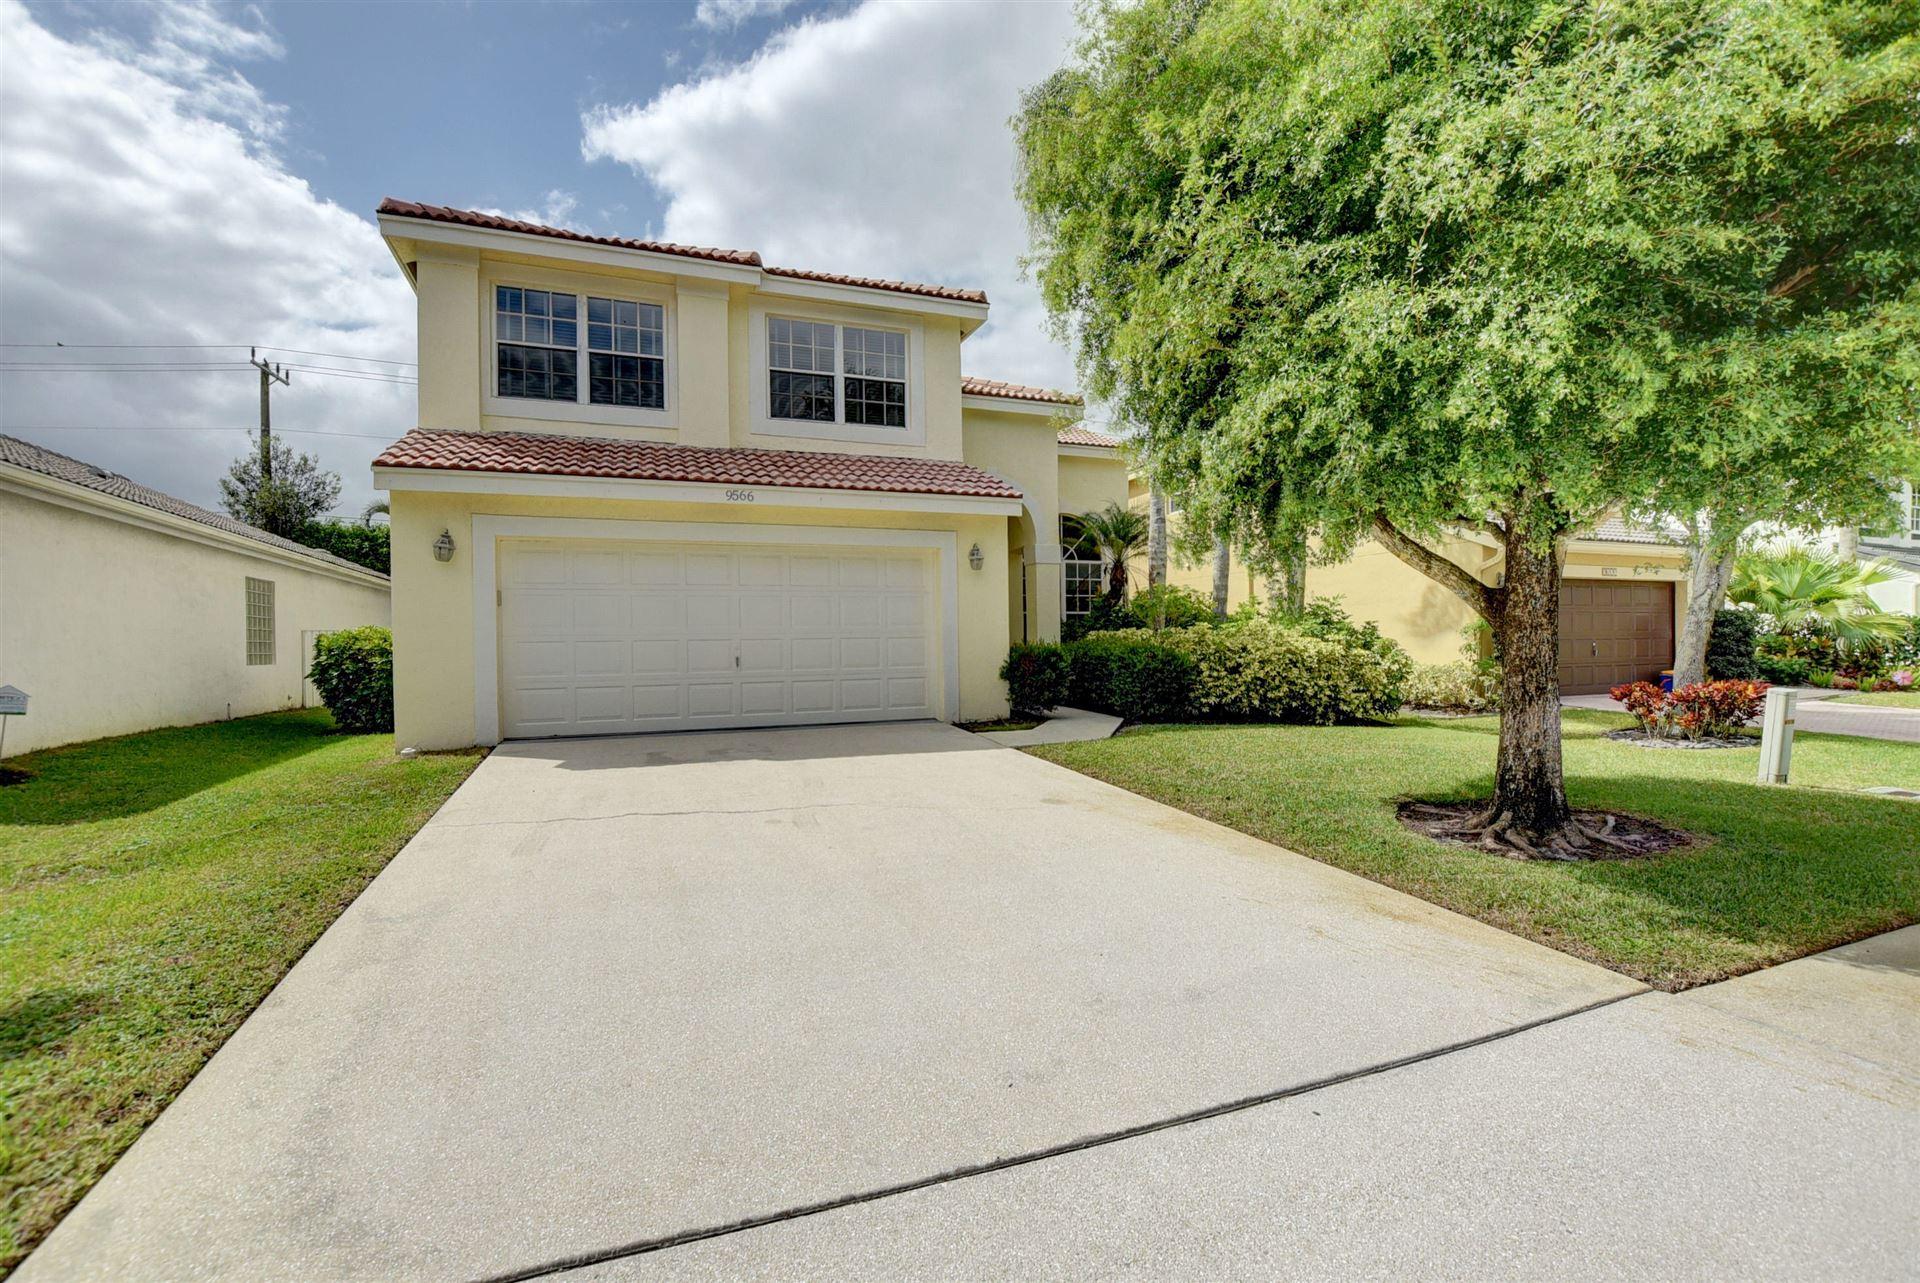 9566 Fox Trot Lane, Boca Raton, FL 33496 - #: RX-10657924